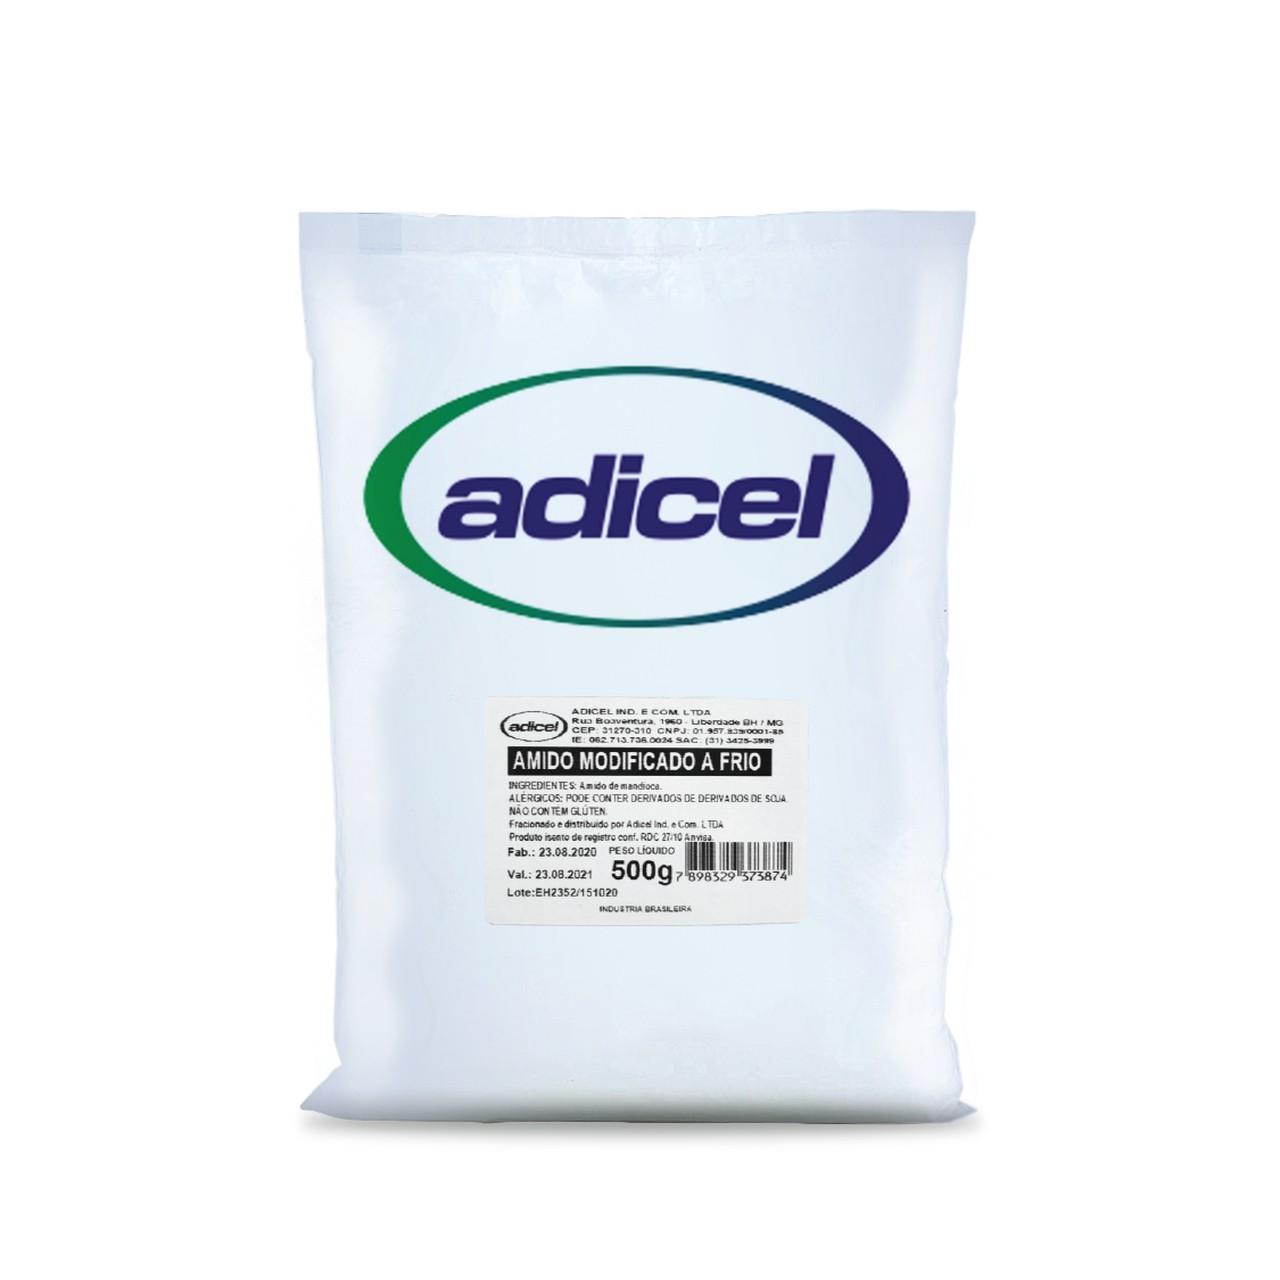 Amido Modificado a frio (pré gelatinizado) - 500g